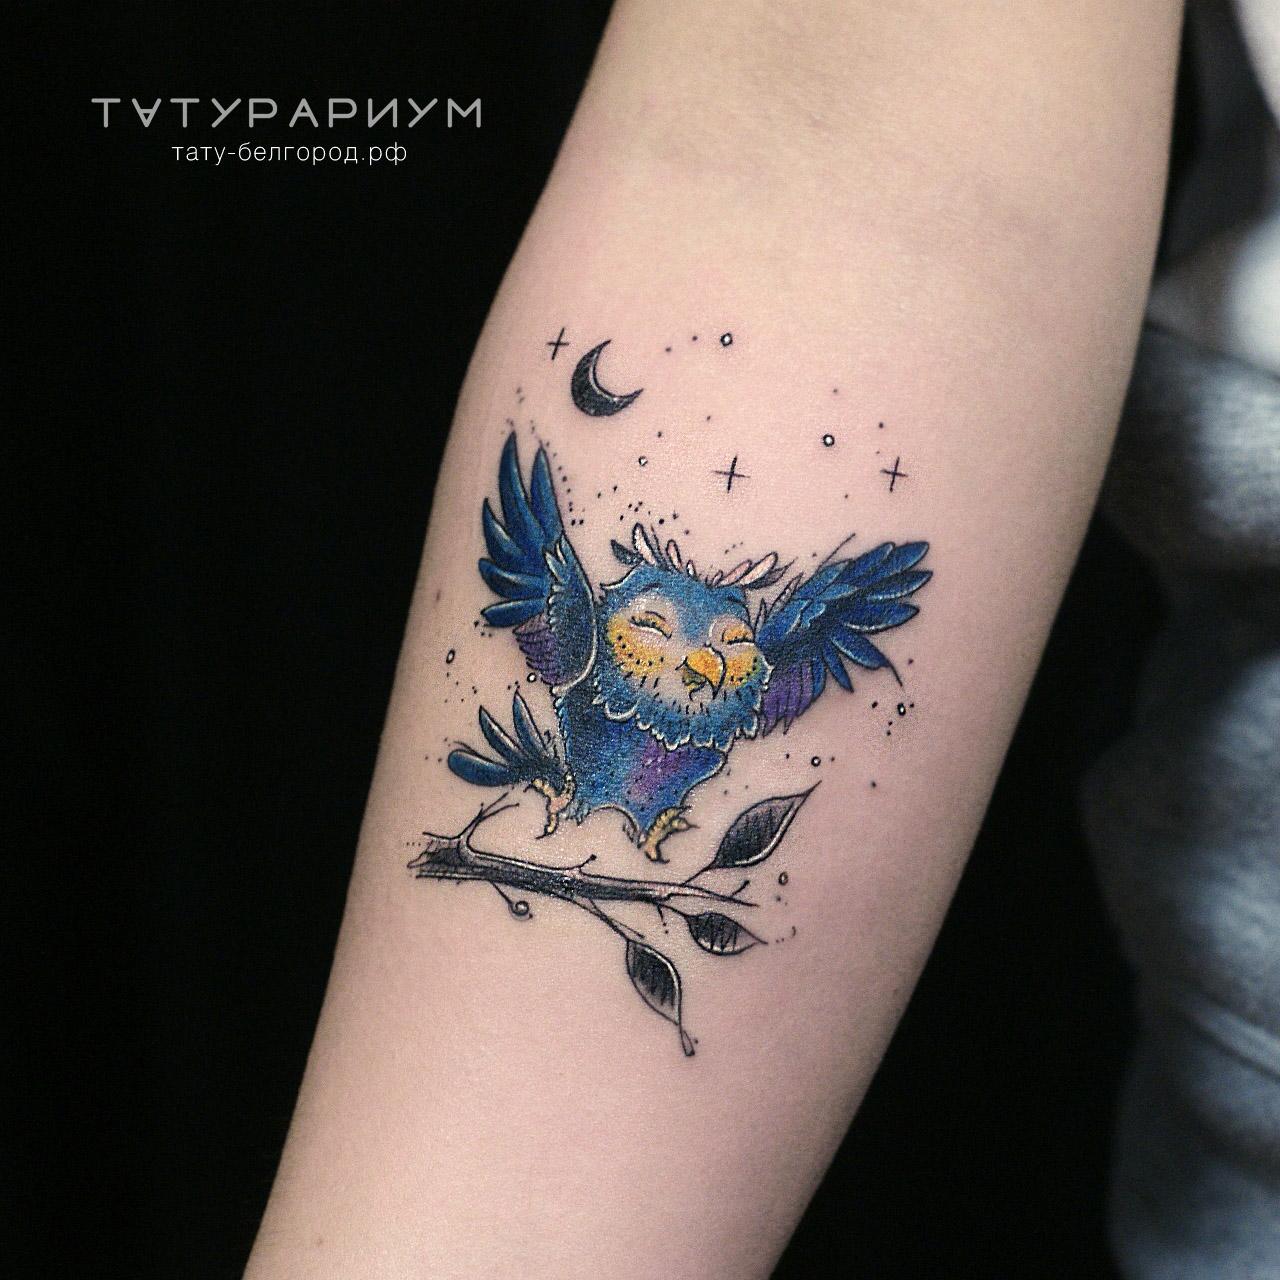 Фото татуировки, мультяшная сова, на пре